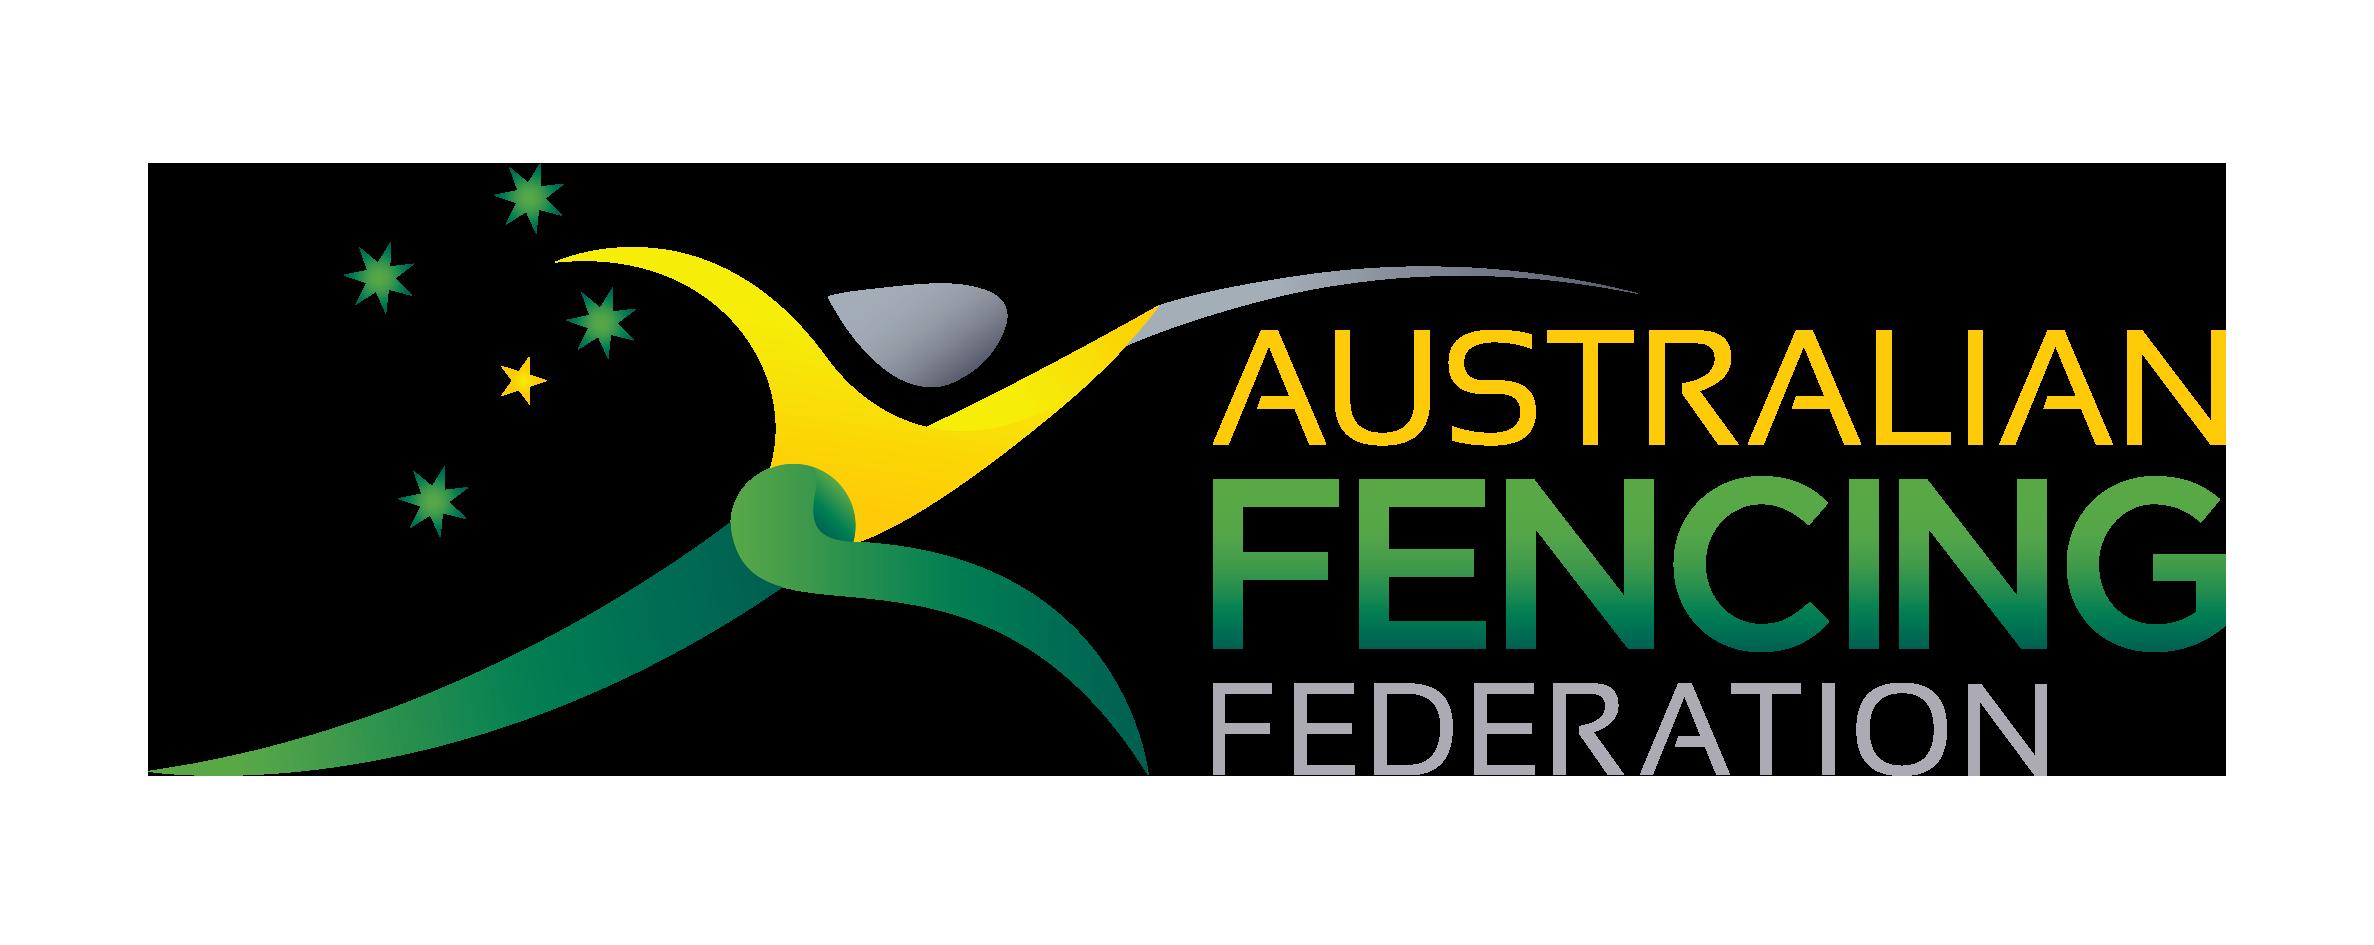 Australian Fencing Federation